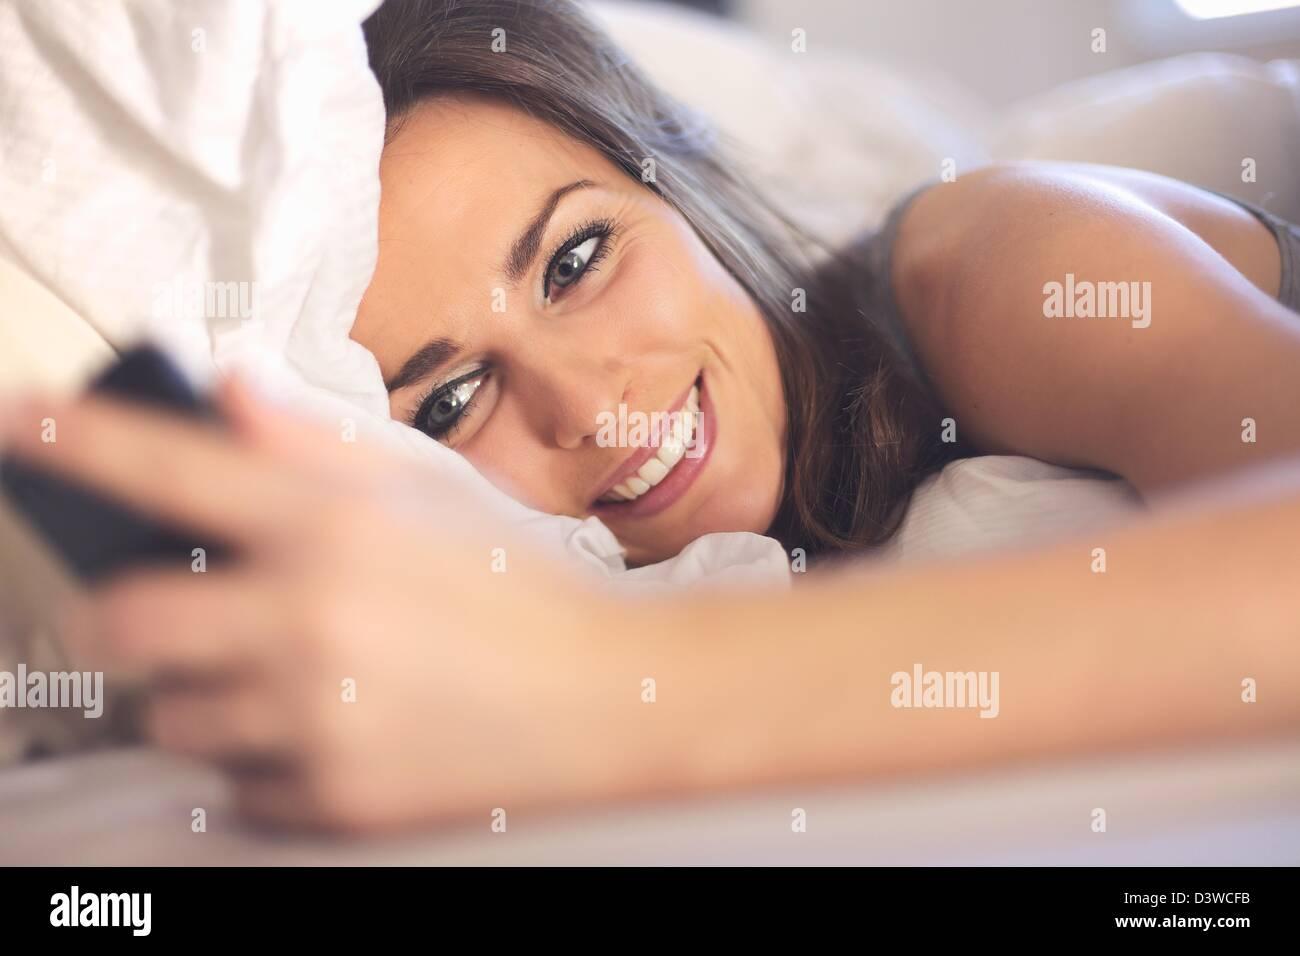 Feliz mujer acostada en la cama sonriendo mientras lee un mensaje de texto de alguien Imagen De Stock